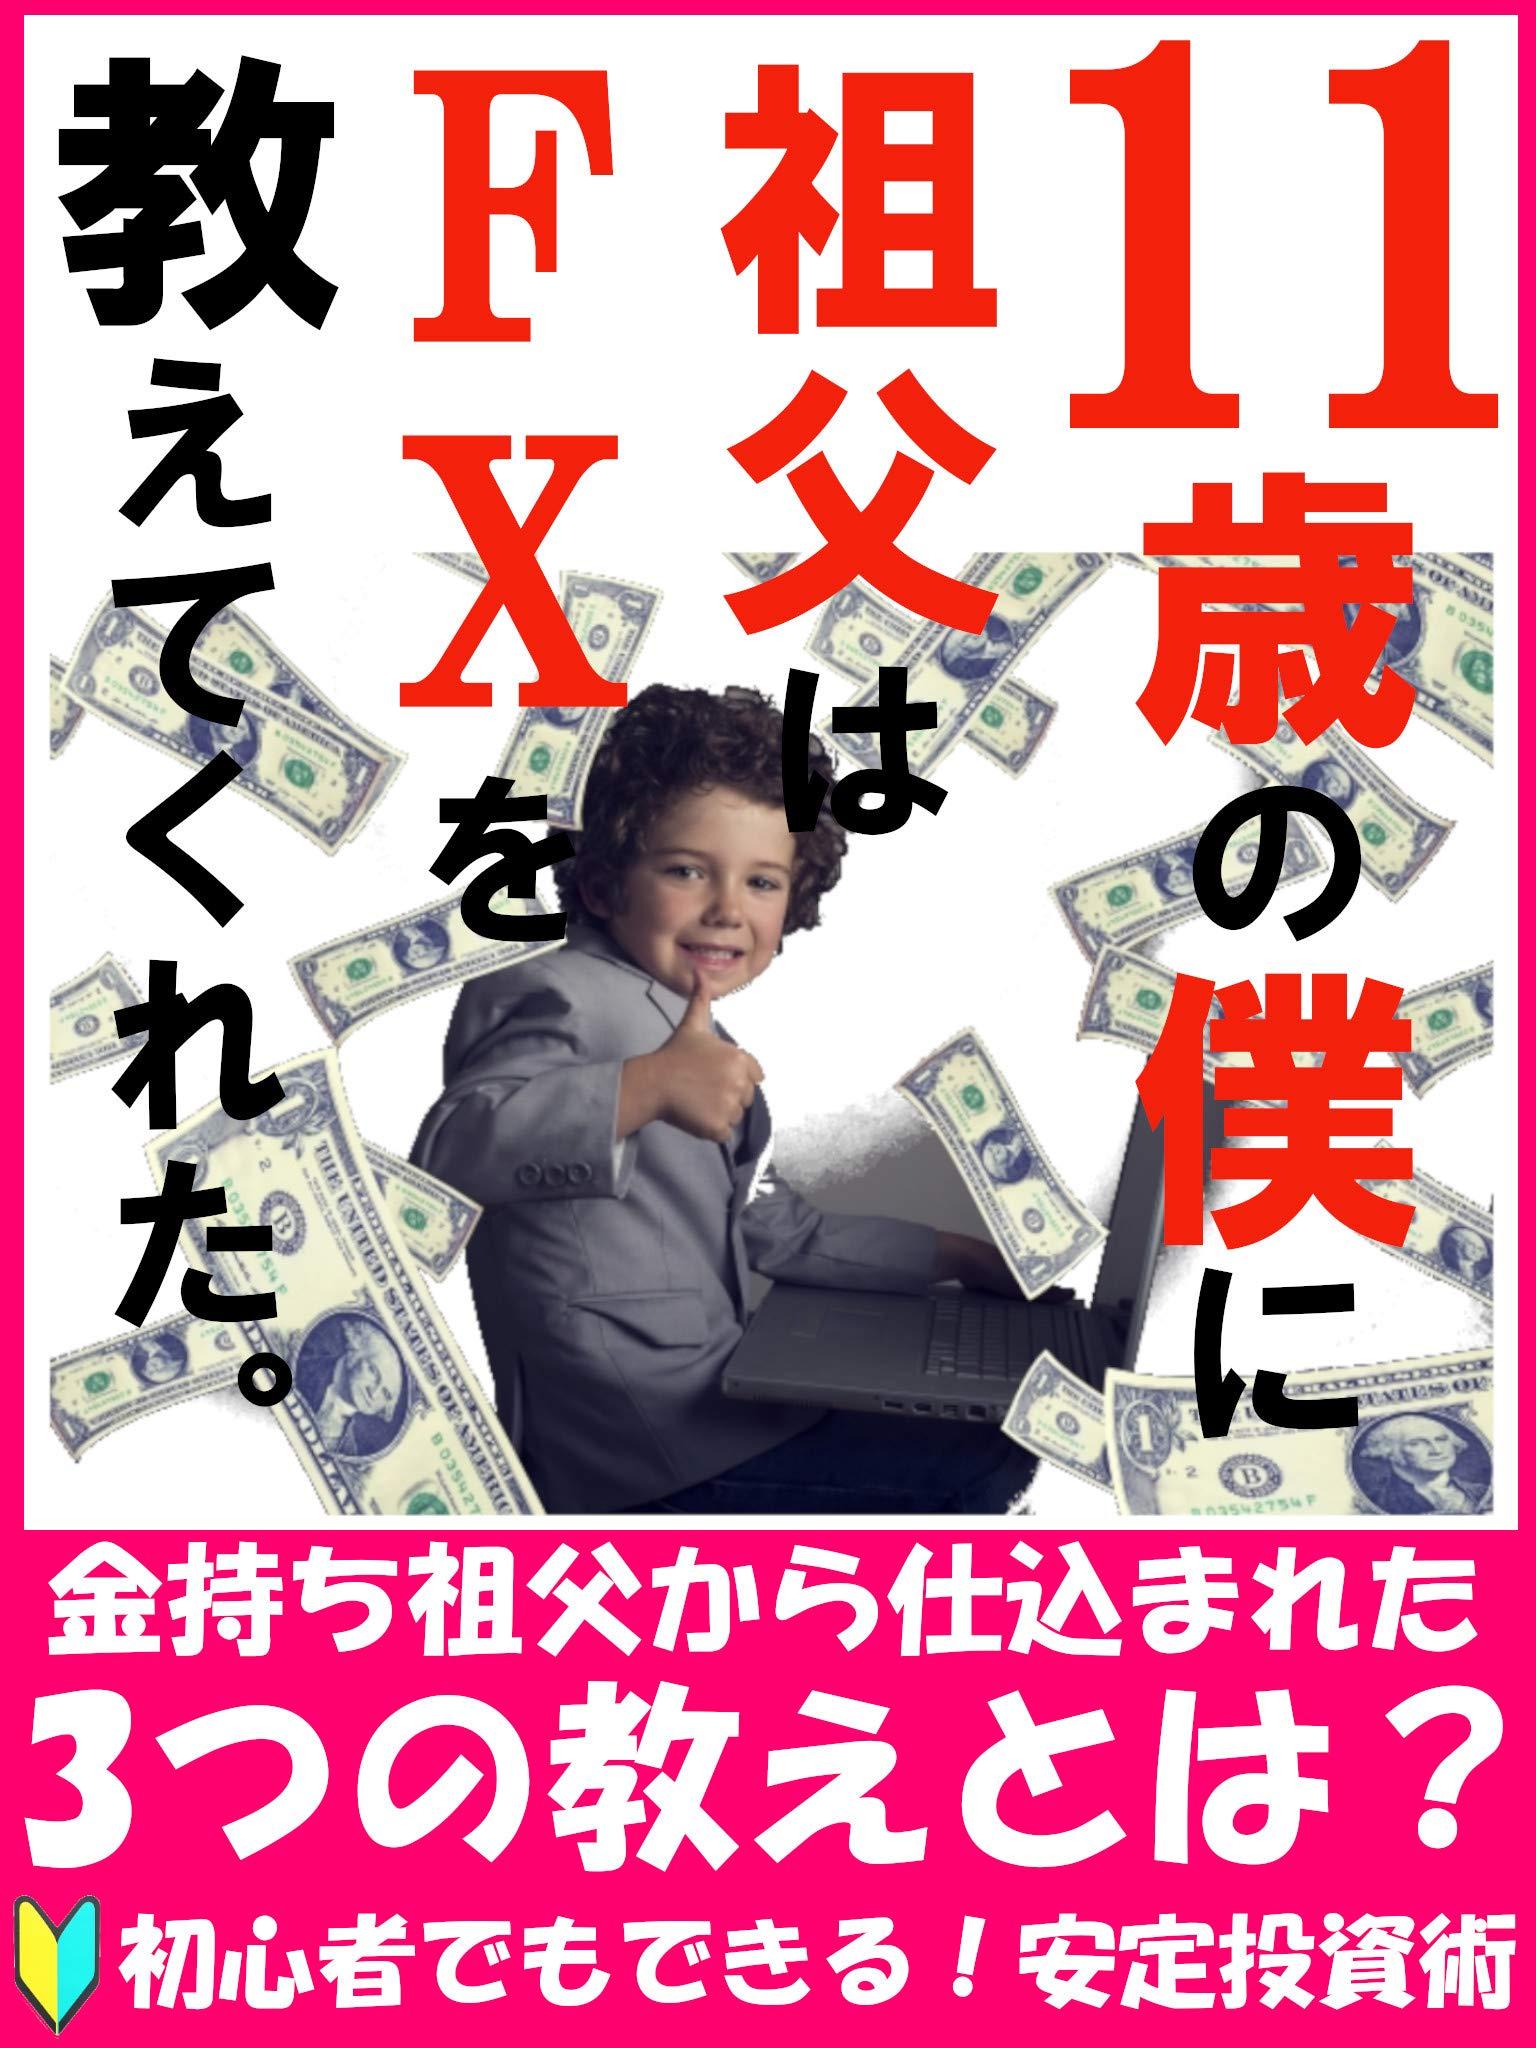 zyuuissaino bokuni sofuha efuekkusuwo osietekuremasita kanemoti sofukara sikomareta mittuno osie syosinsya tousi fukugyou (Japanese Edition)